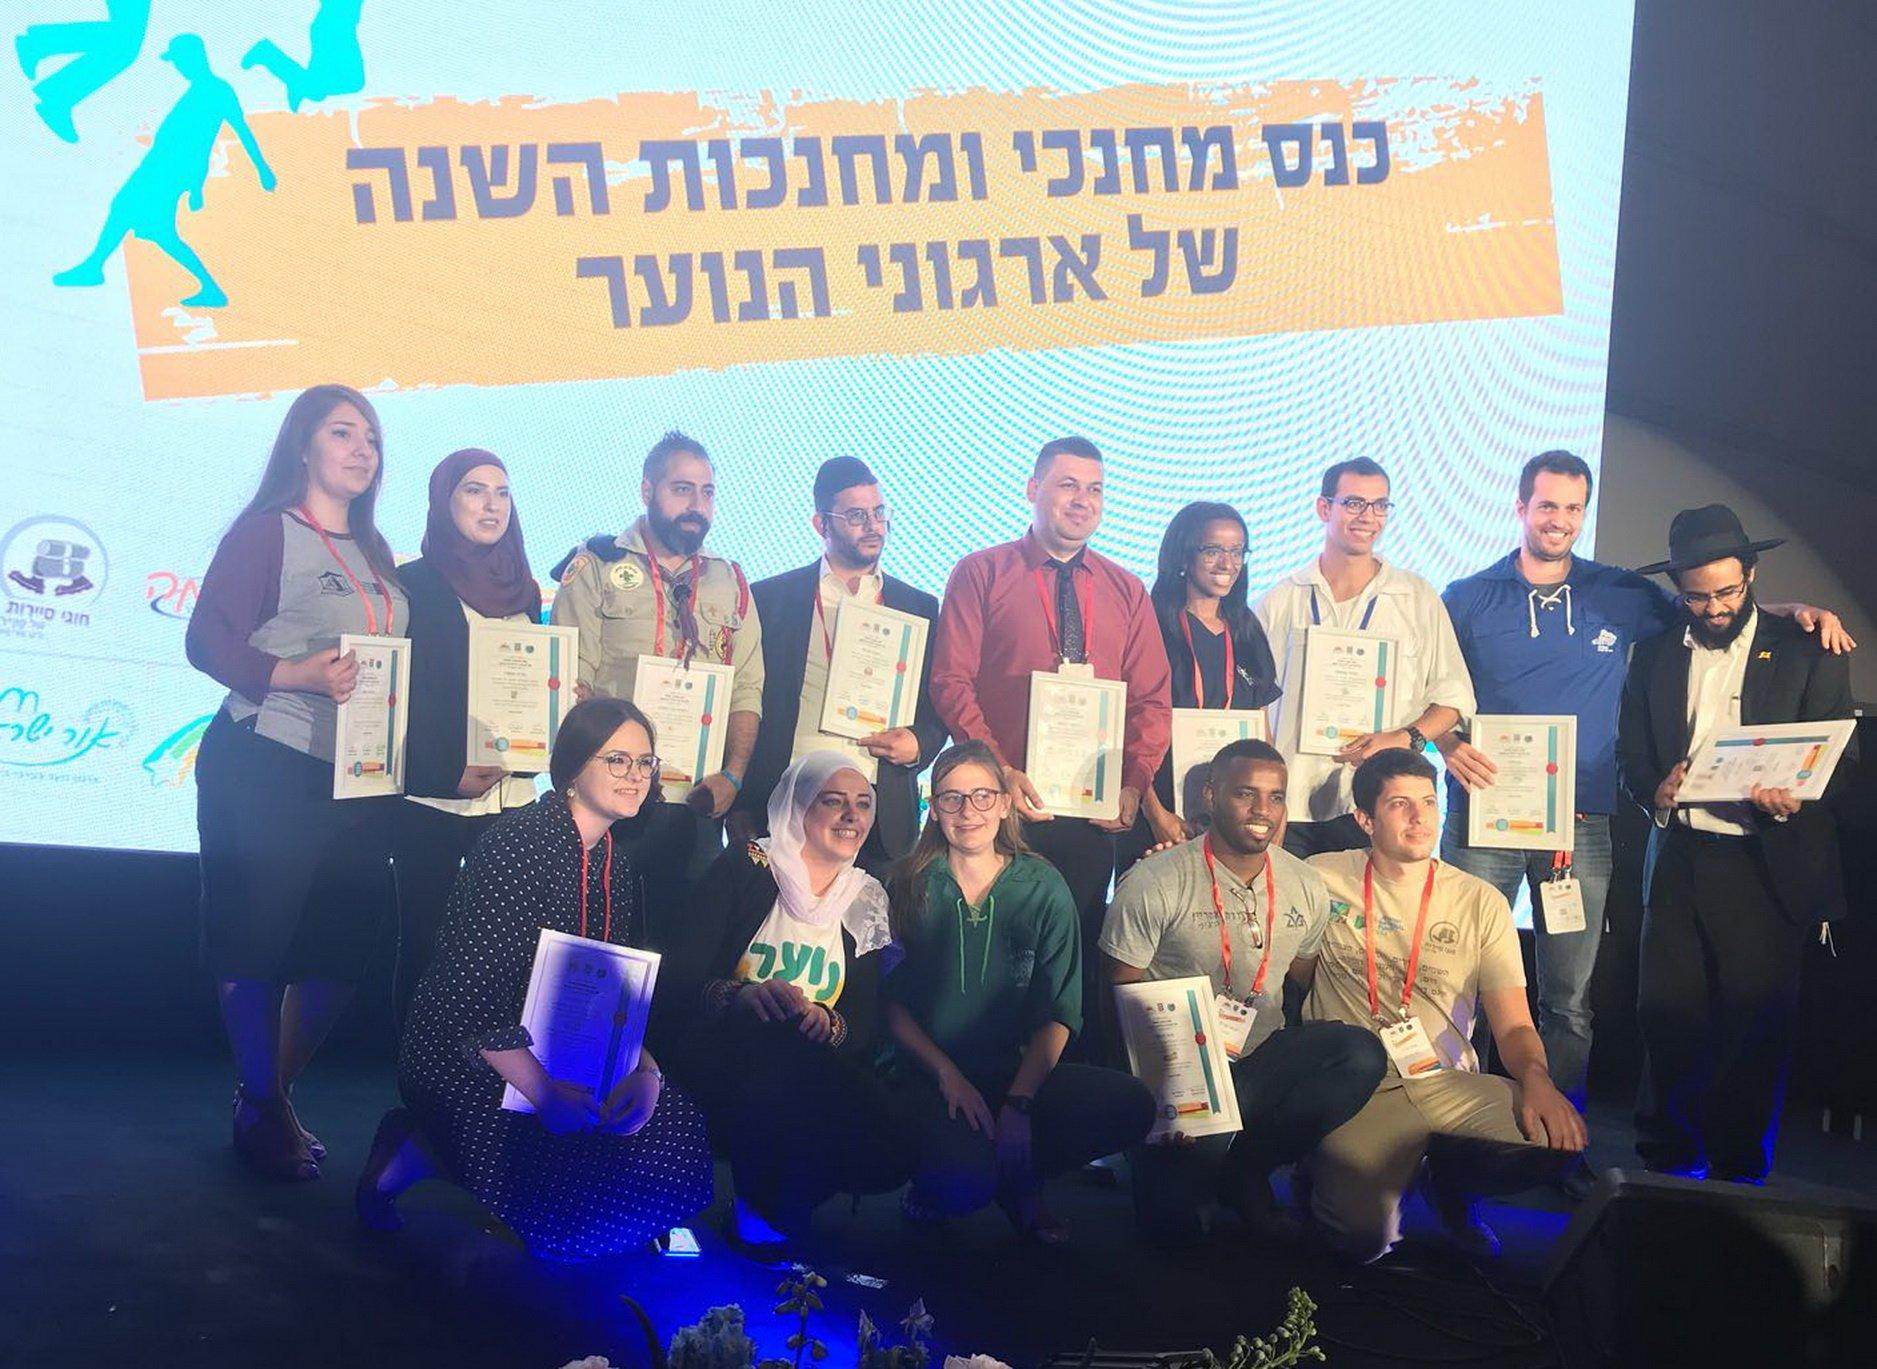 اختيار نجود زعبي عمري مركزة حركة الثقافة بالجلبوع كواحدة من بين الـ20 مرشدين الأفضل بالبلاد